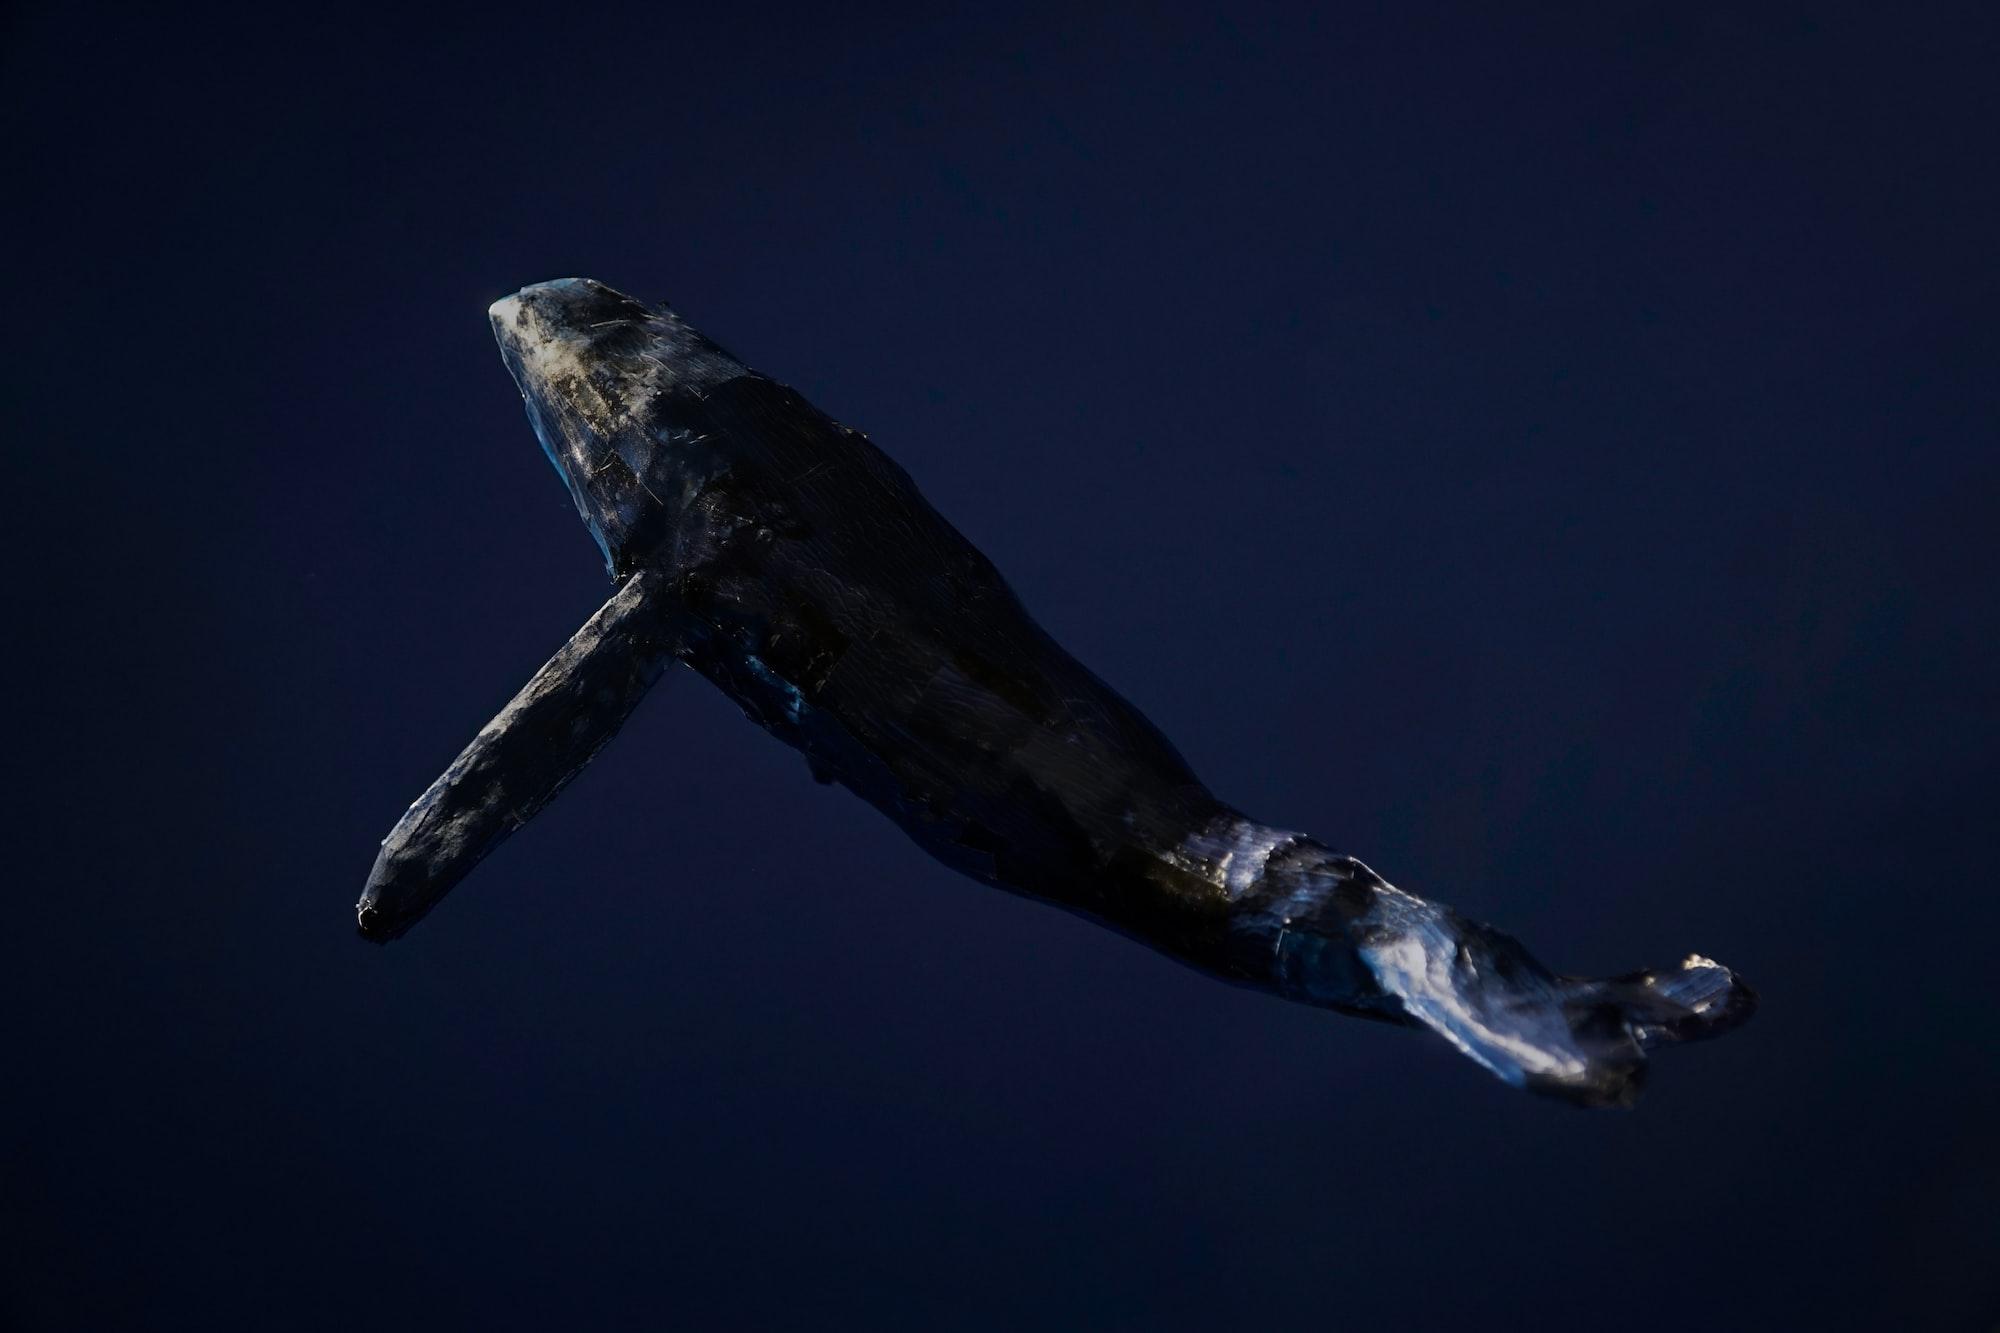 เดือนนี้เหล่าวาฬเทขาย Bitcoin ไปถึง 1.4 แสนเหรียญ